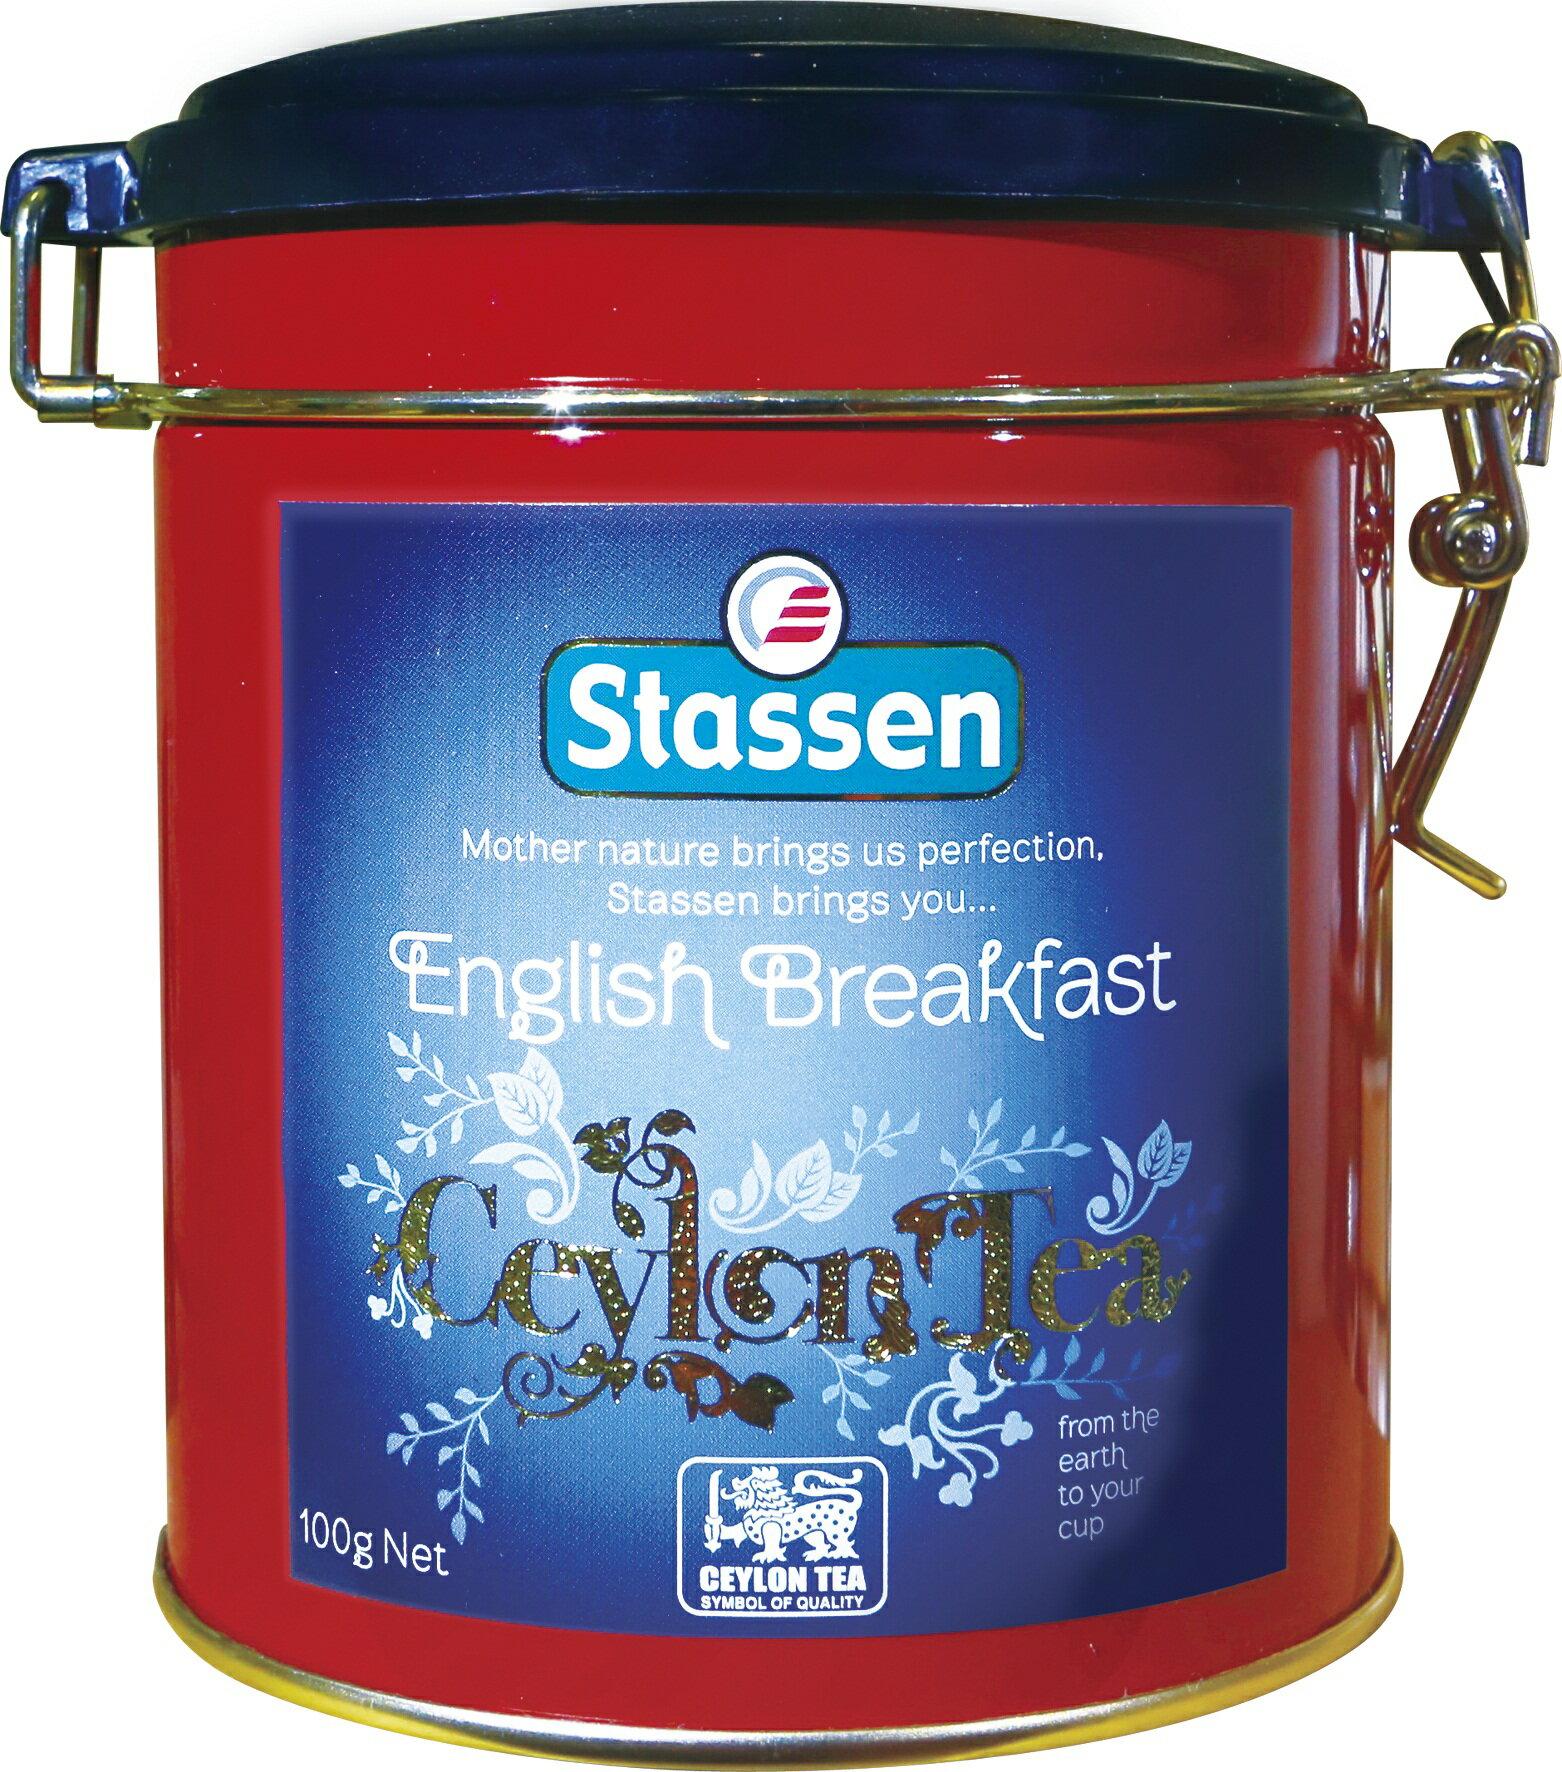 Stassen 司迪生★ 英國早餐茶罐★【1罐】★即期品★